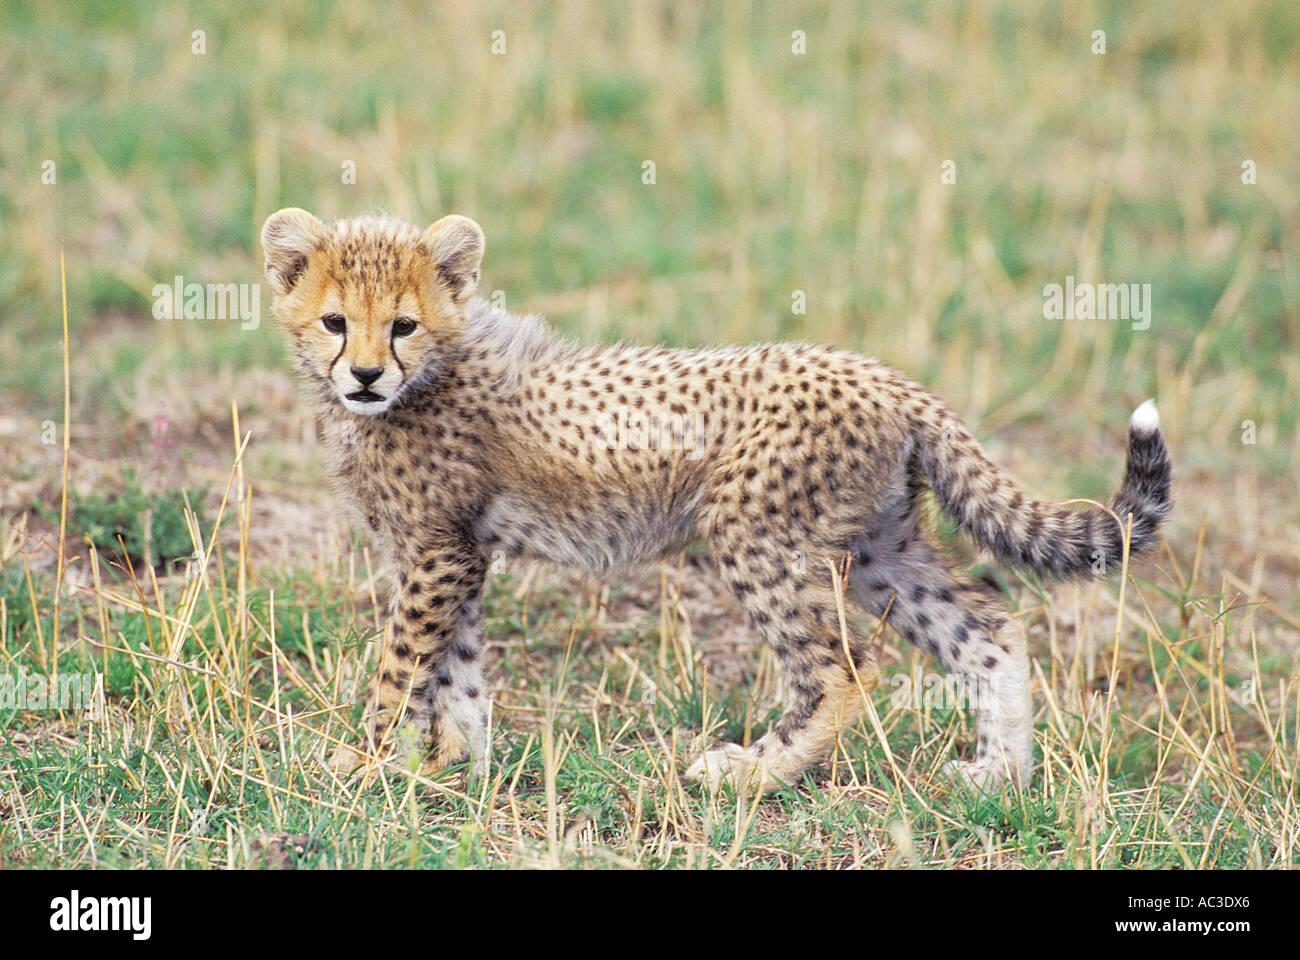 Standing Baby Cheetah Stock Photos Standing Baby Cheetah Stock